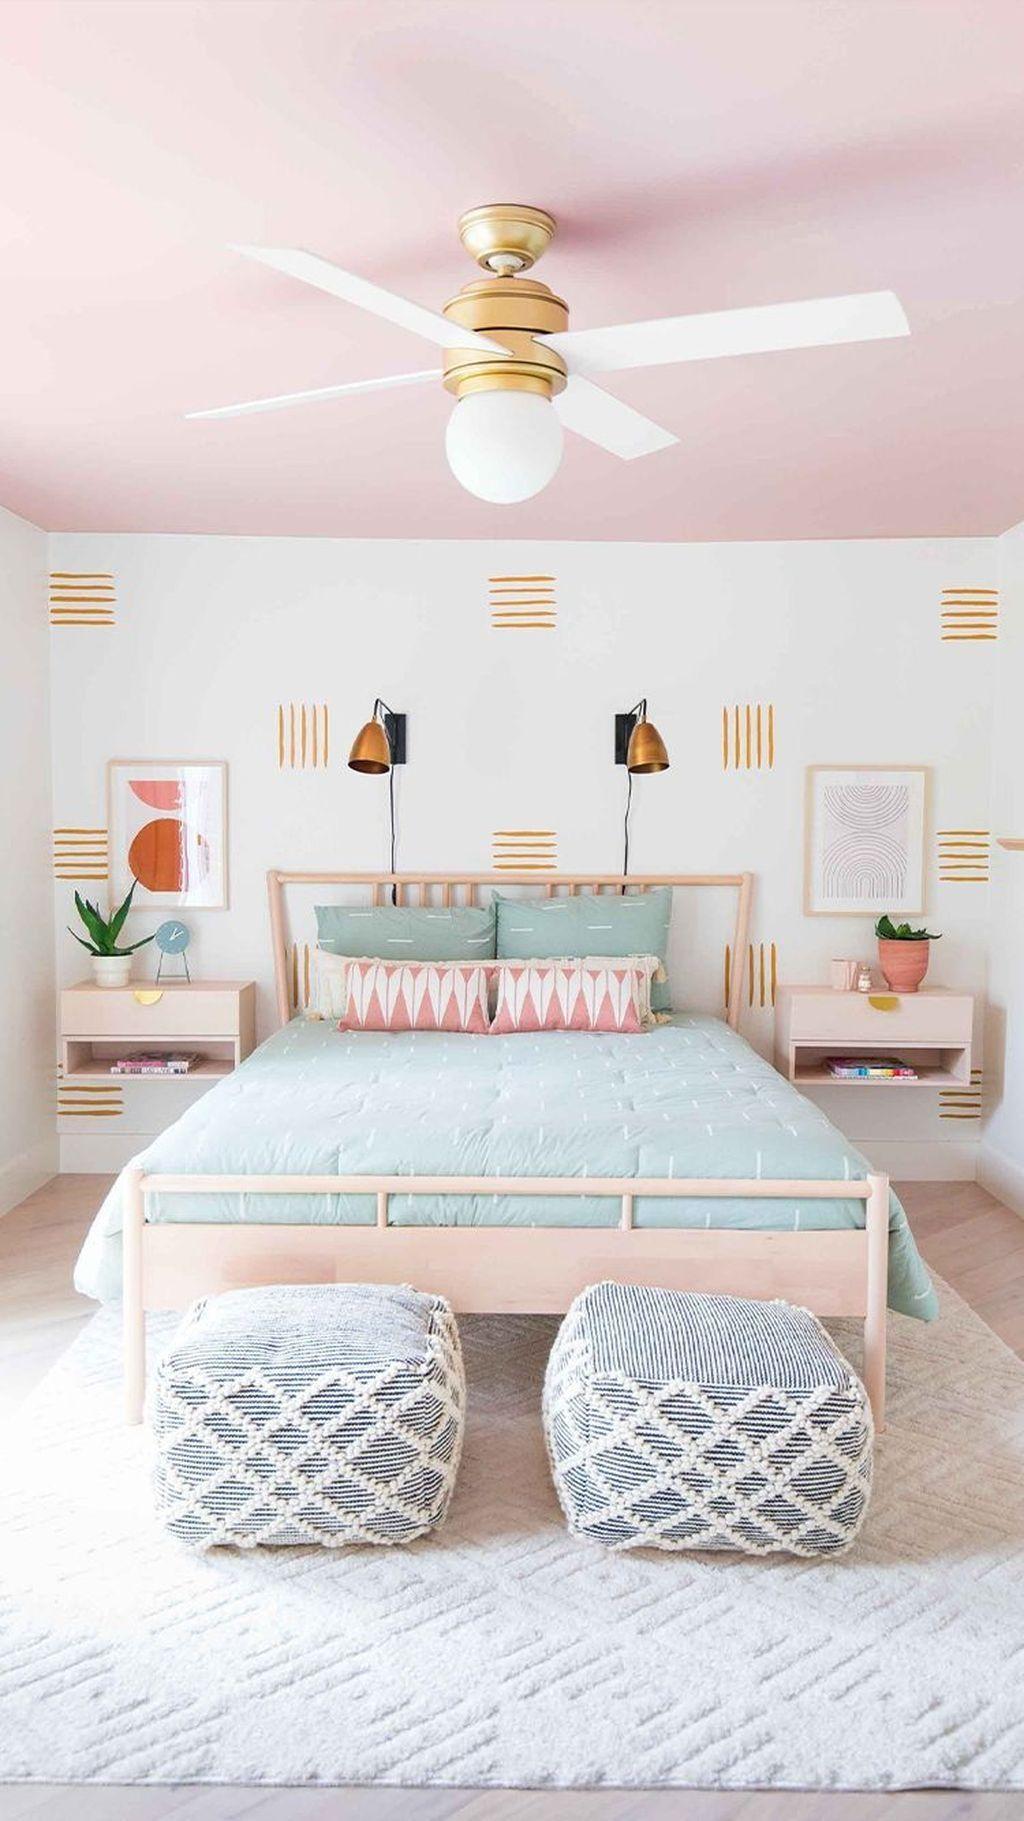 Nội thất phòng ngủ nhỏ đơn giản với sự kết hợp của màu hồng và xanh da trời